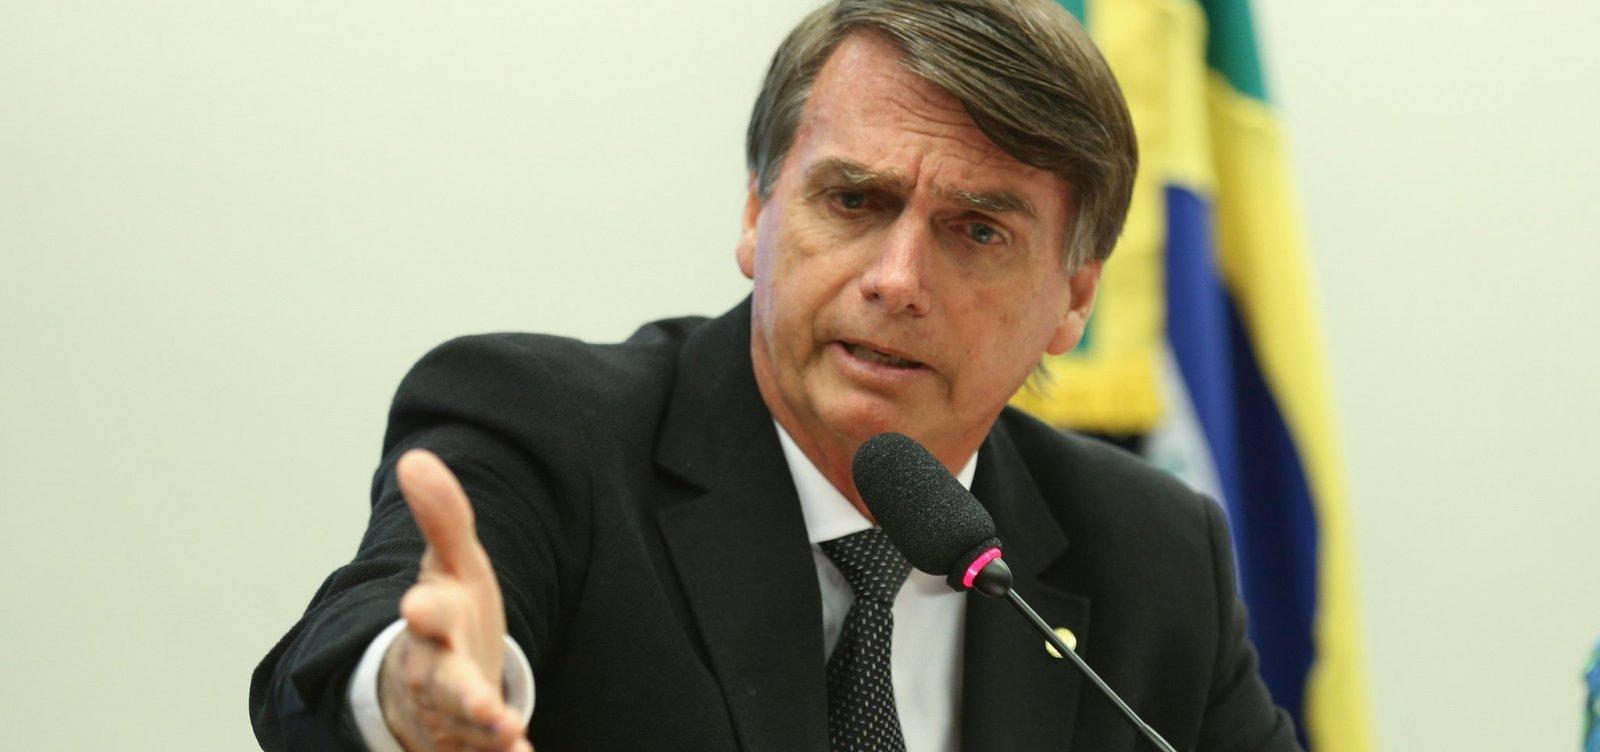 Bolsonaro conversa com Temer para suspender intervenção no RJ, diz site